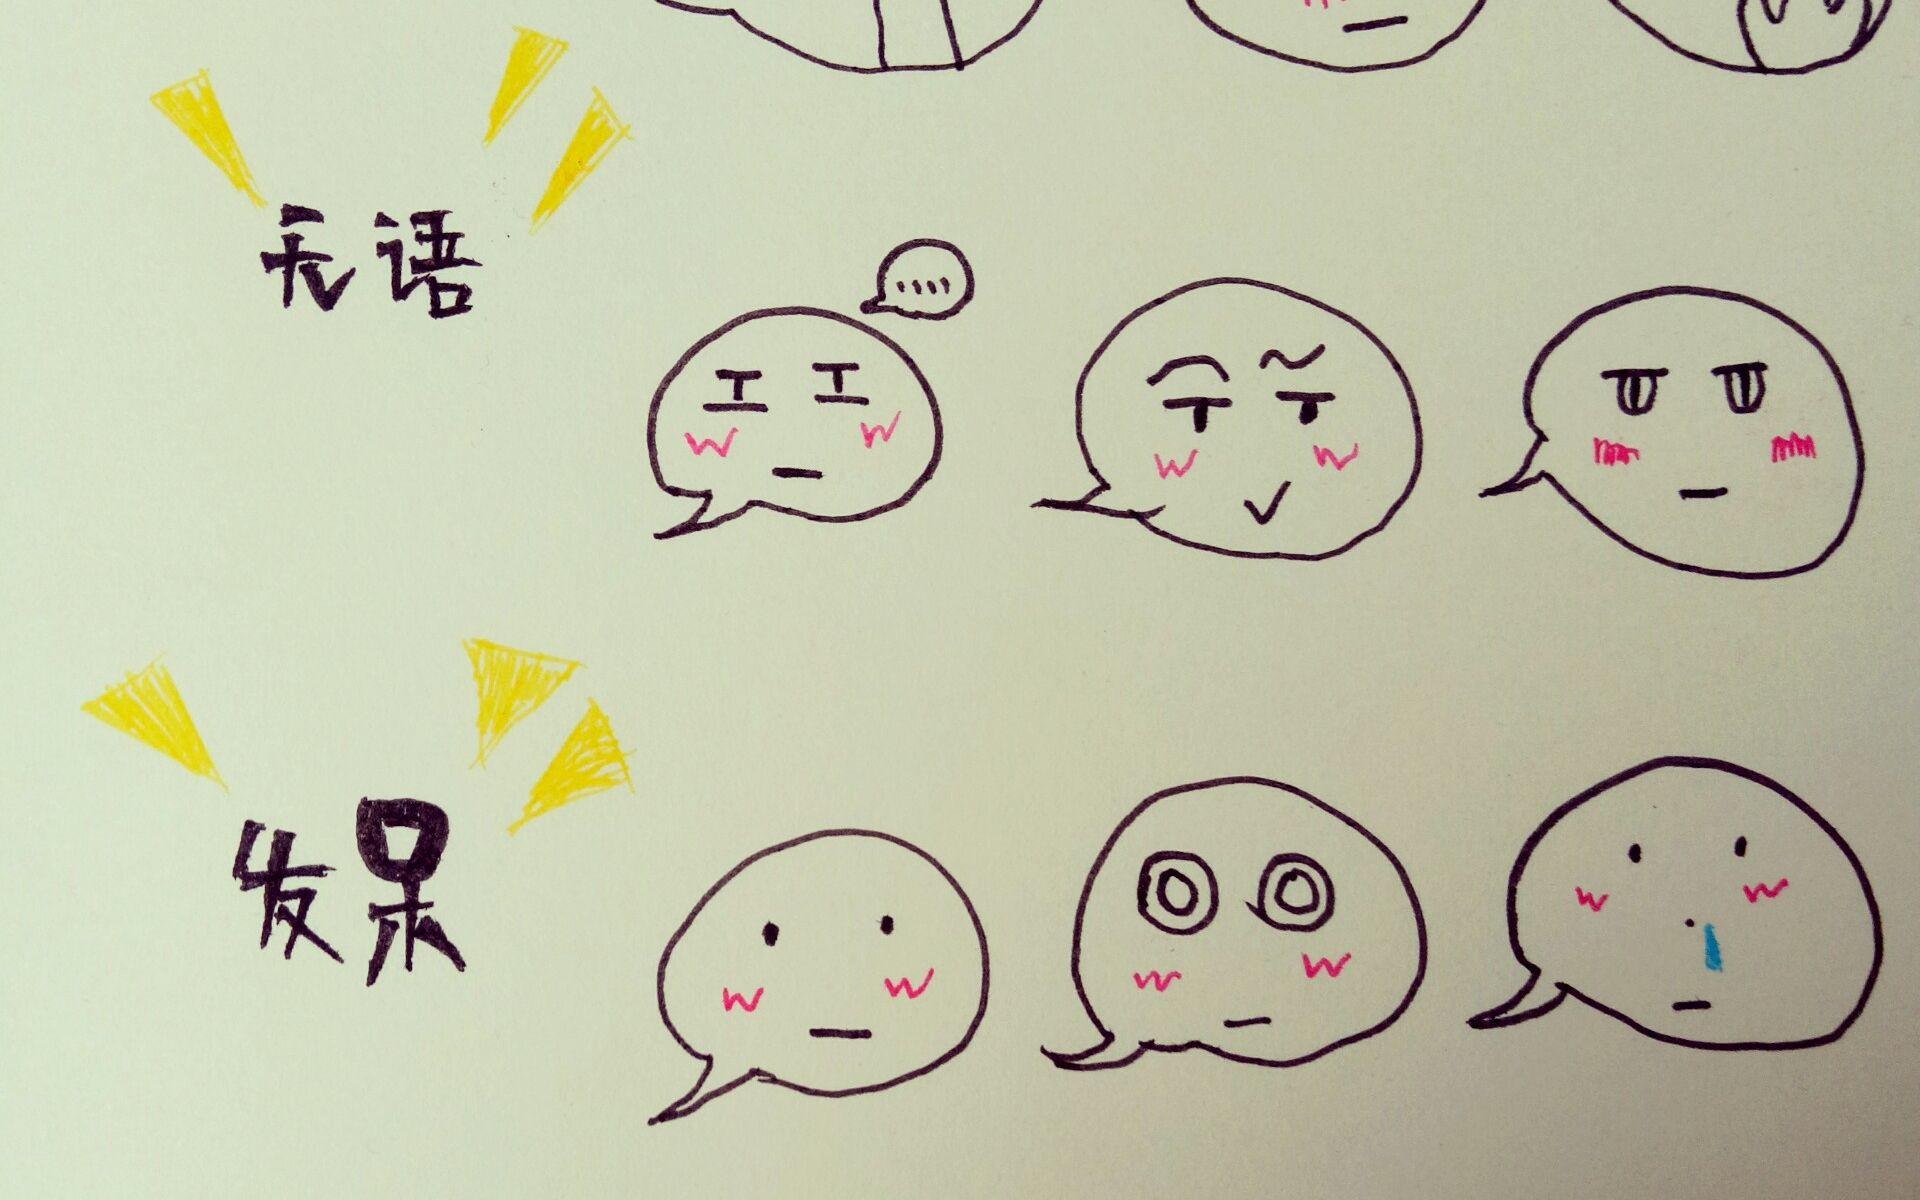 简笔画2        气泡表情 用或其他应用扫描二维码 点赞 哇~超可爱的图片